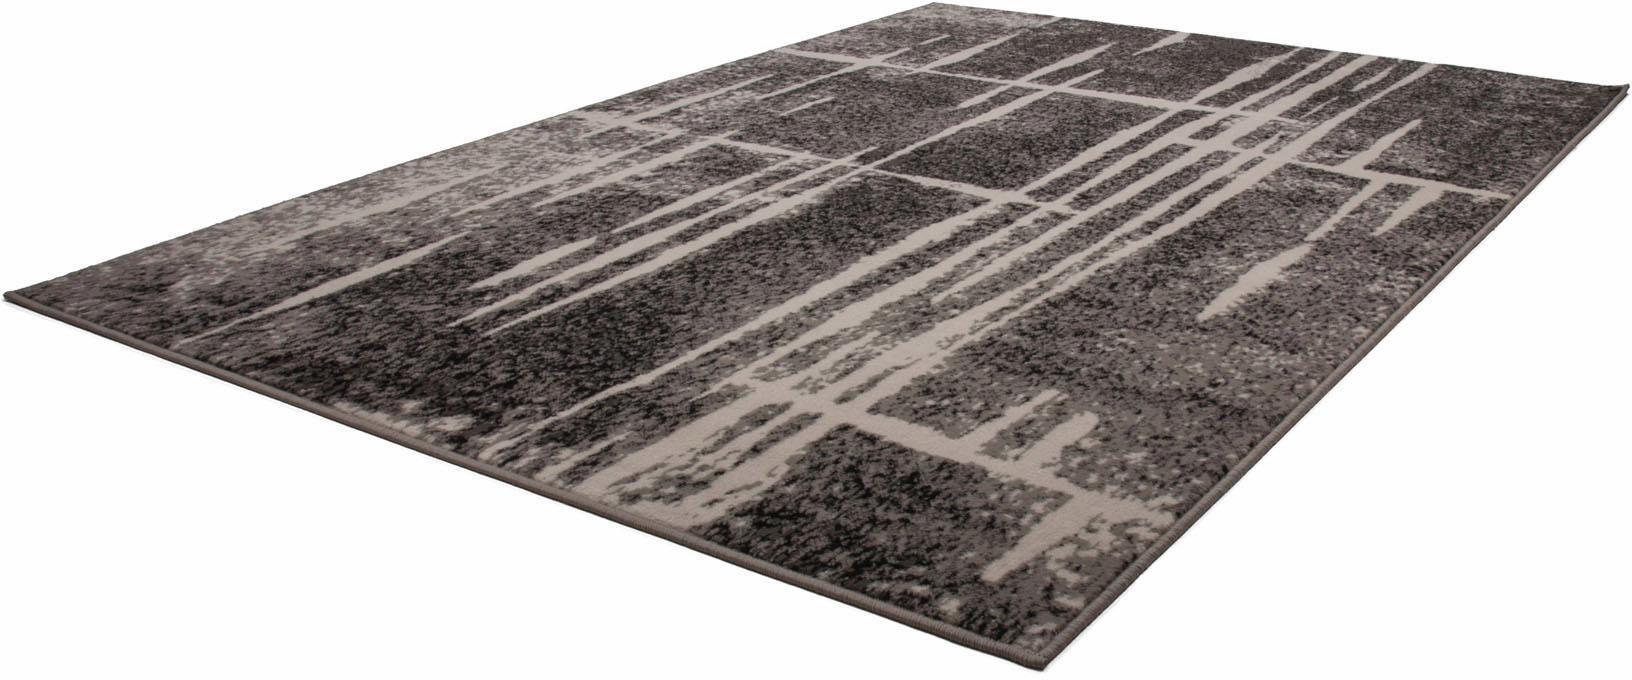 Teppich Roh! 3010 Kayoom rechteckig Höhe 10 mm